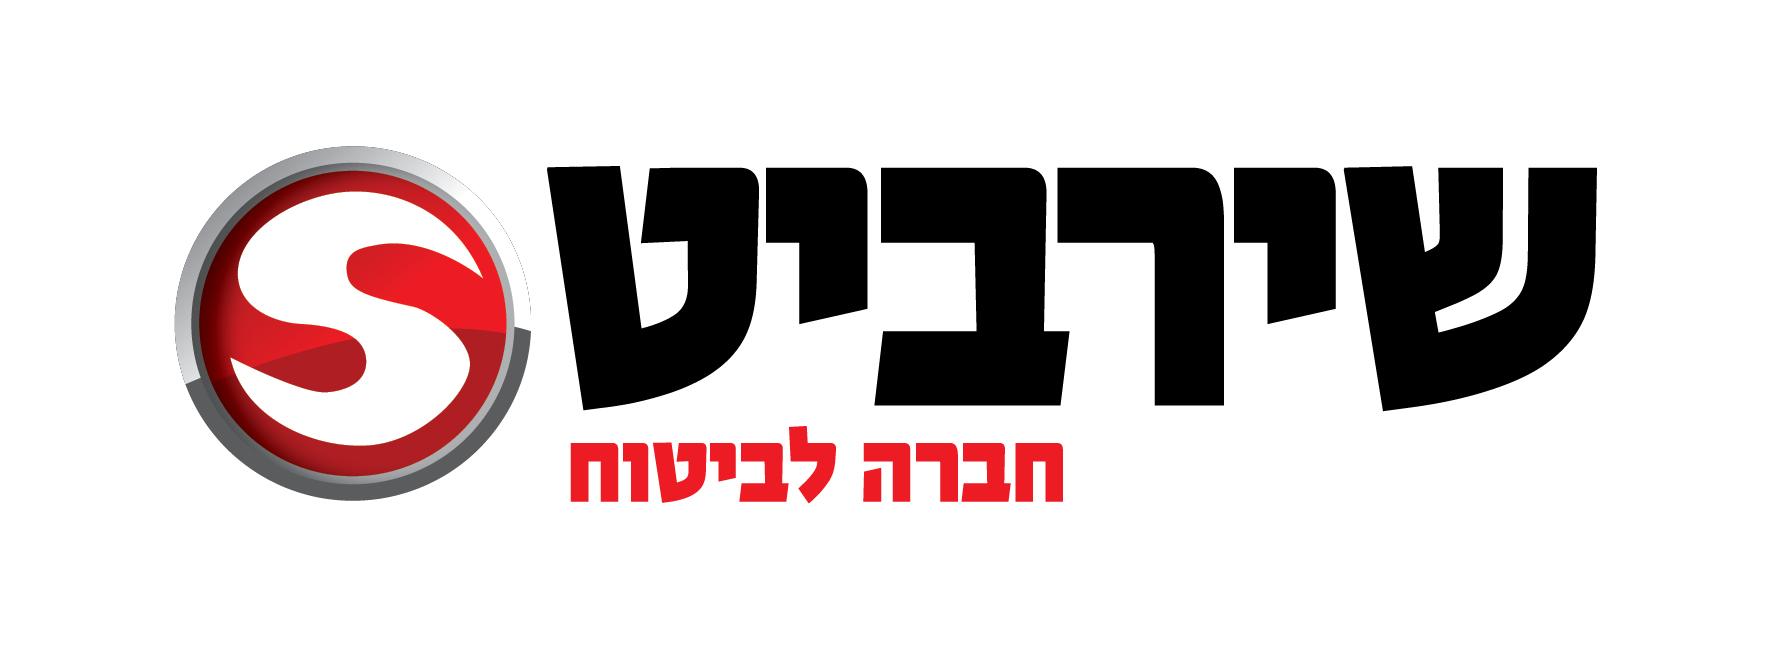 Хакеры похитили данные госслужащих у израильской страховой компании